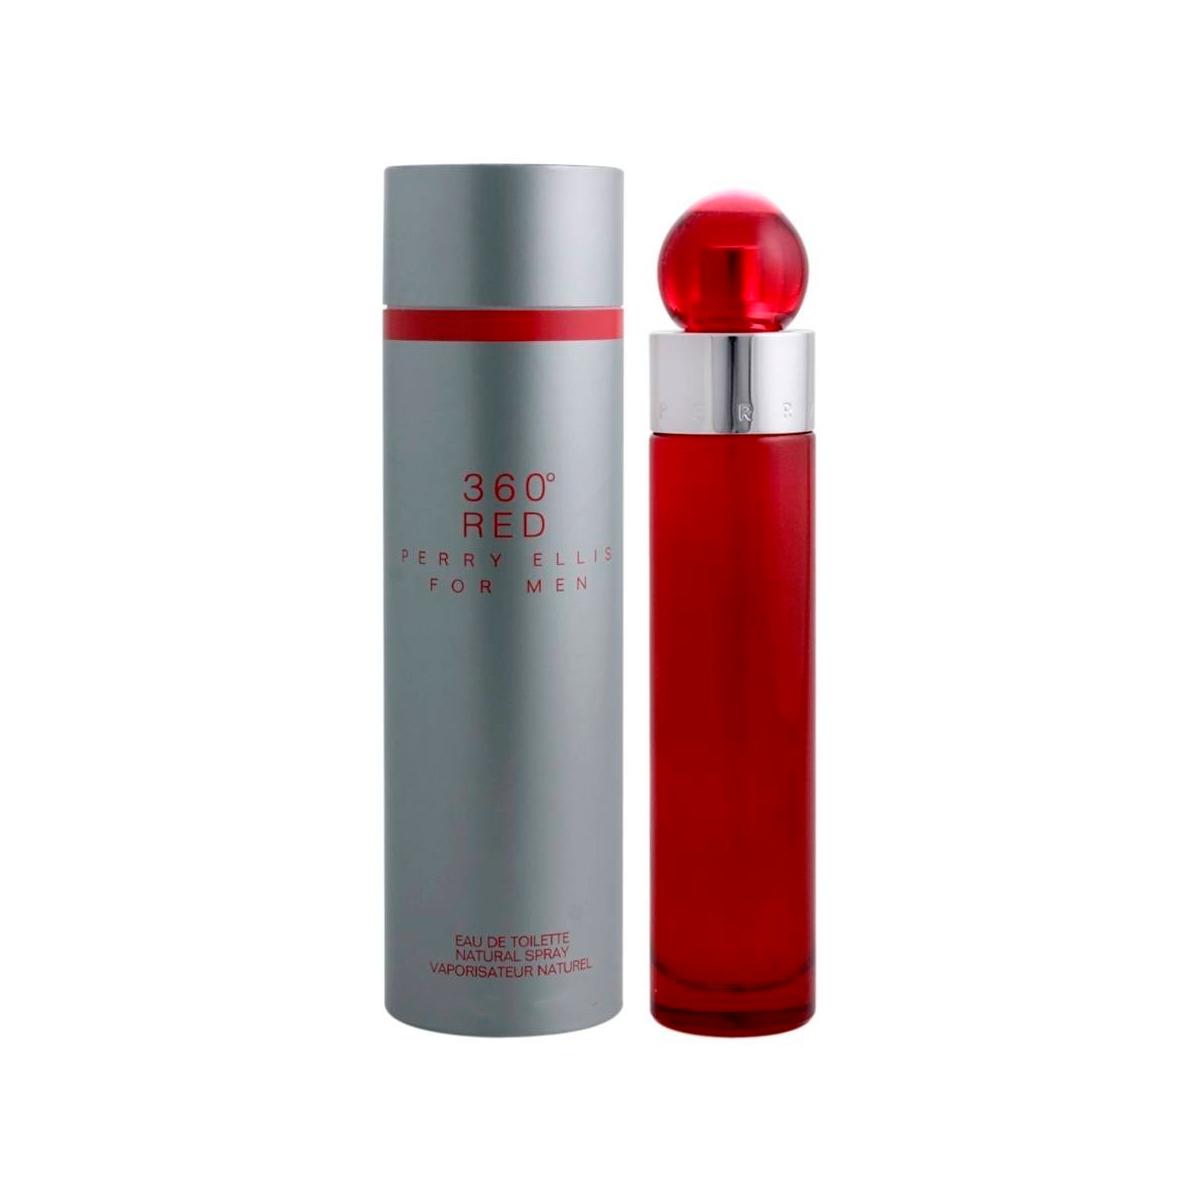 Perry Ellis 360 Rojo Spray por Perry Ellis Eau de Toilette Spray 198ml - $48.90